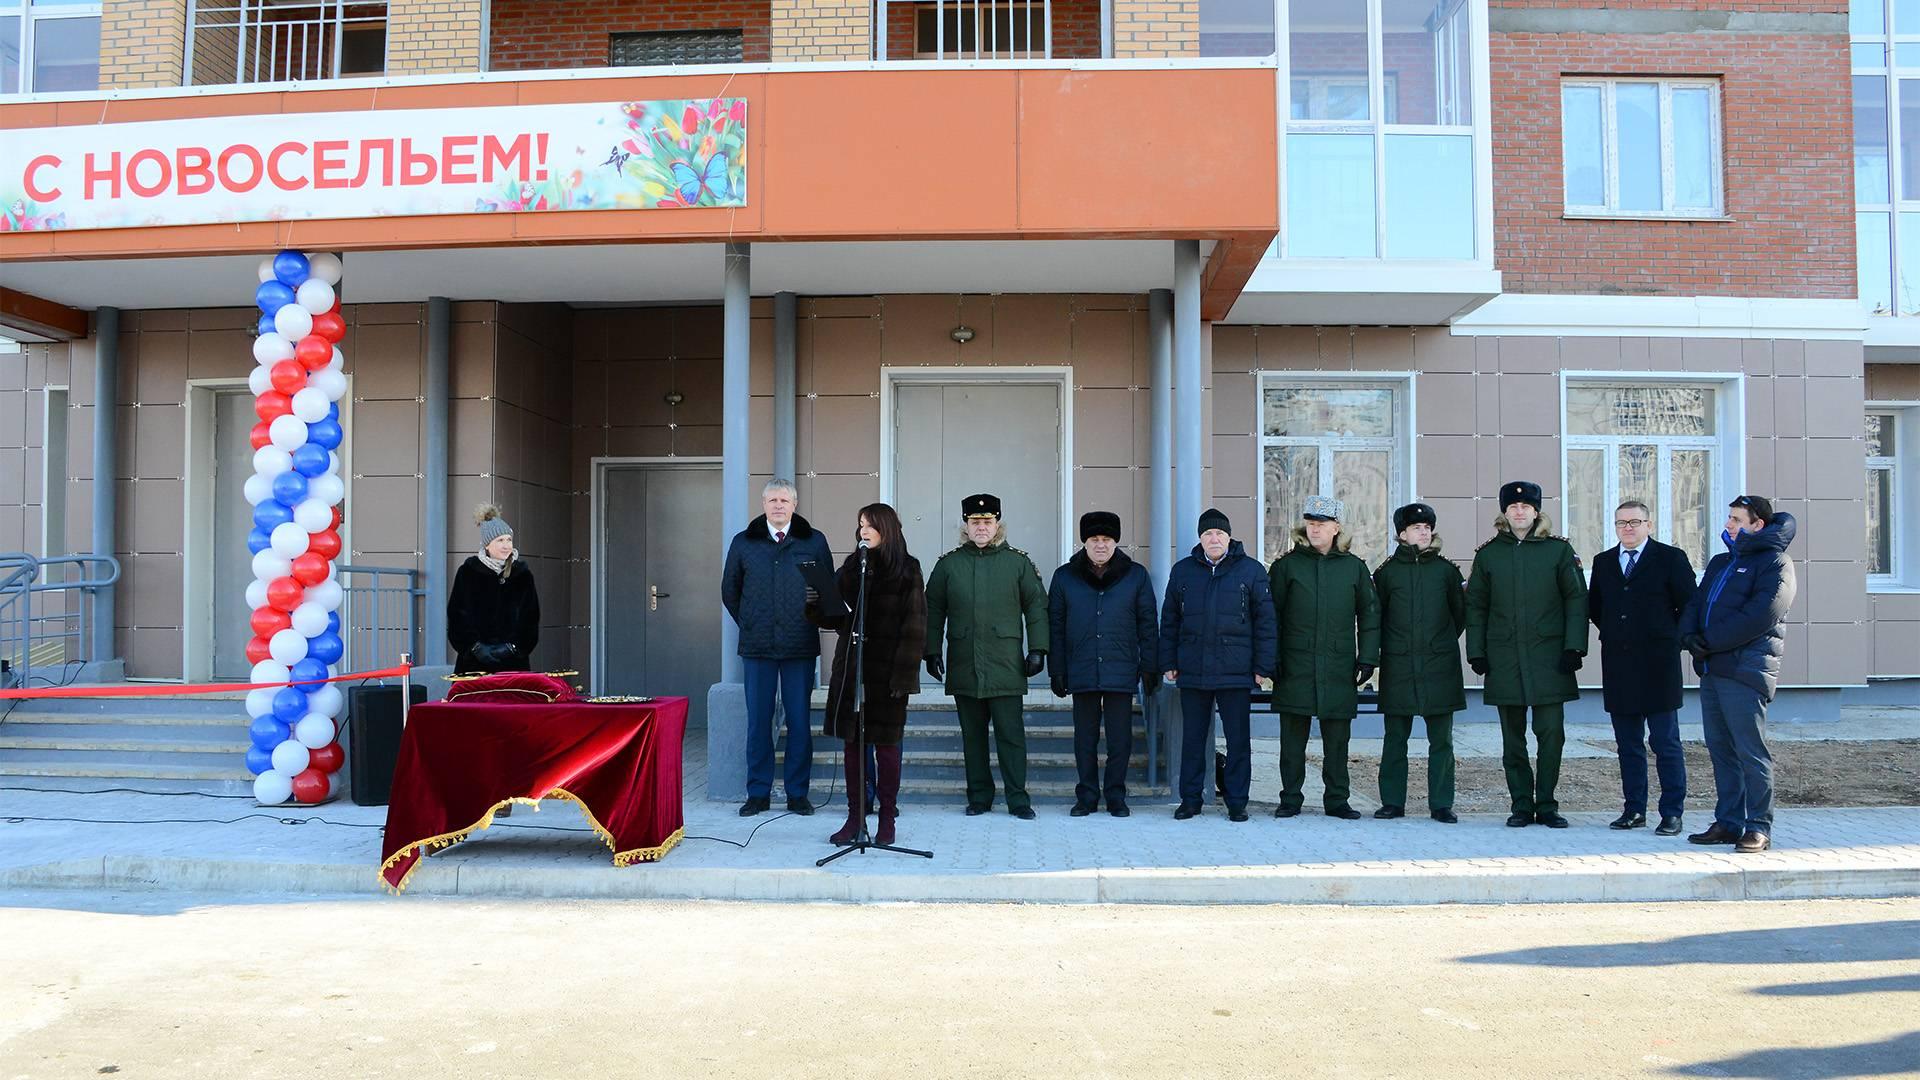 В Хабаровске военные строители сдали дом для дольщиков